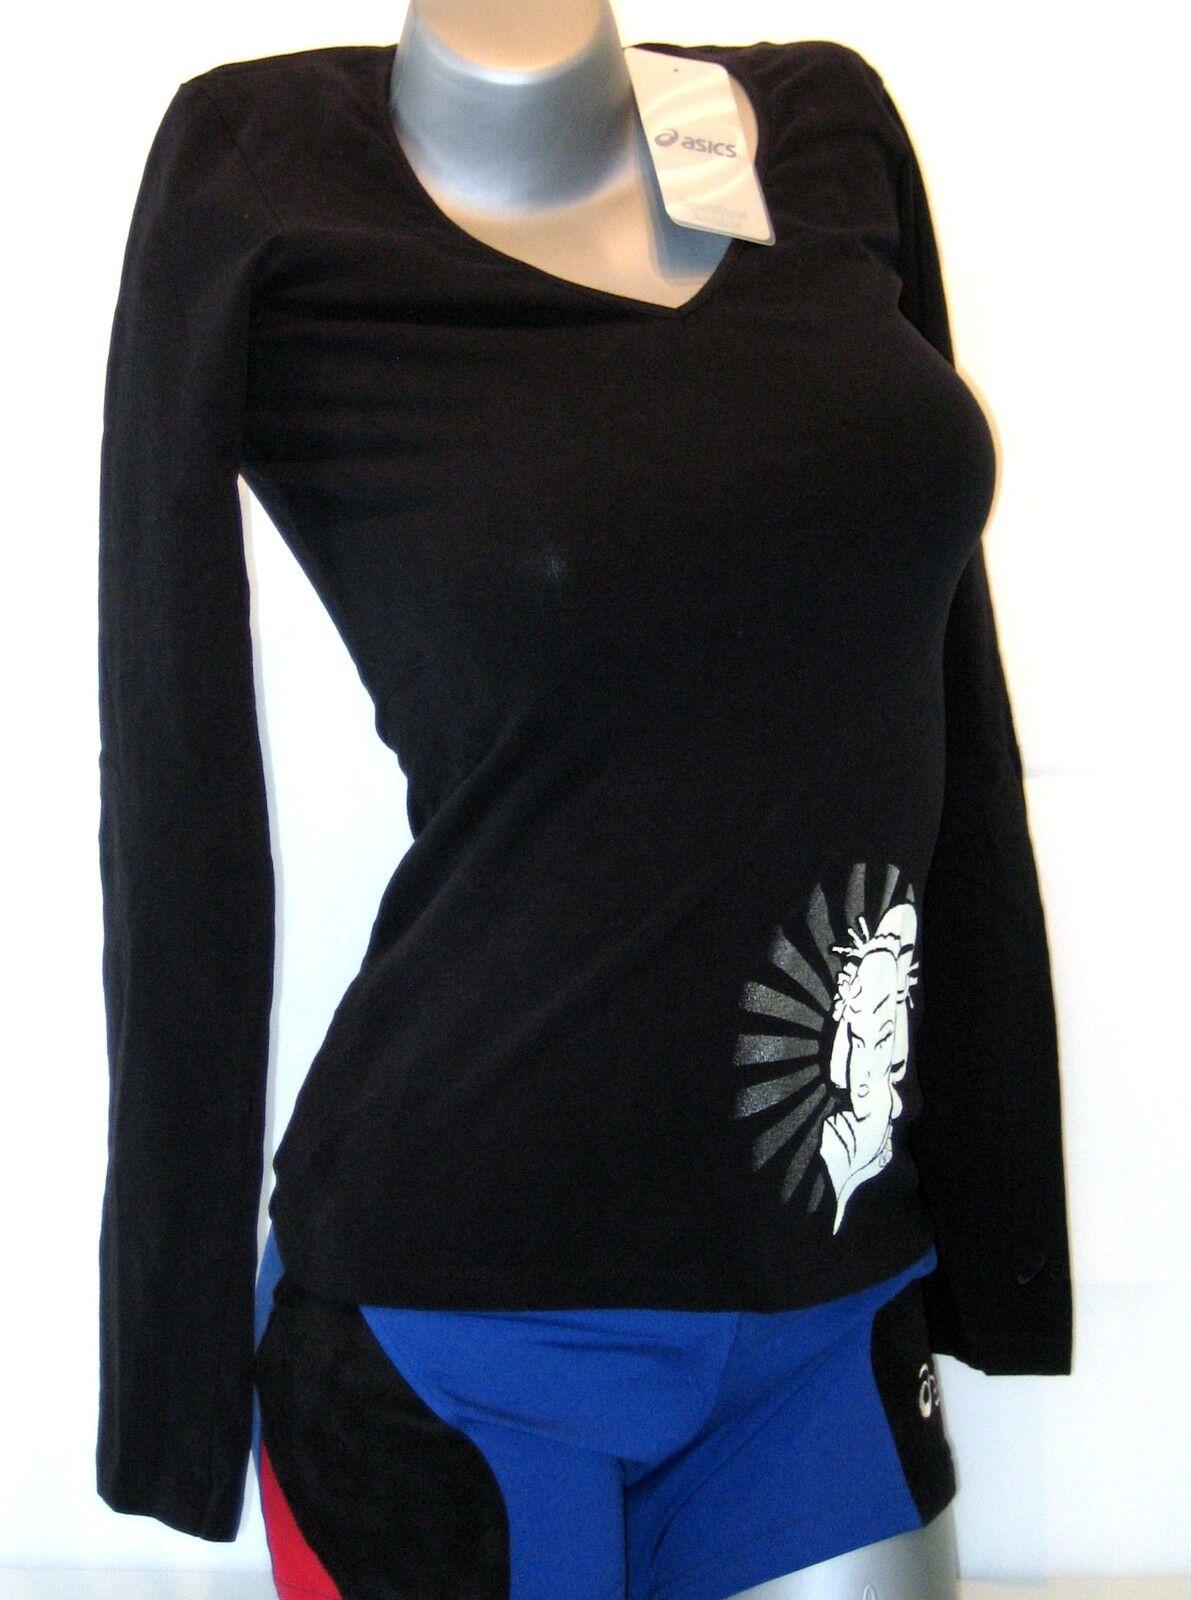 ASICS Damen Shirt Größe XS schwarz NEU Idoru Lauf- Sport- T- Shirt